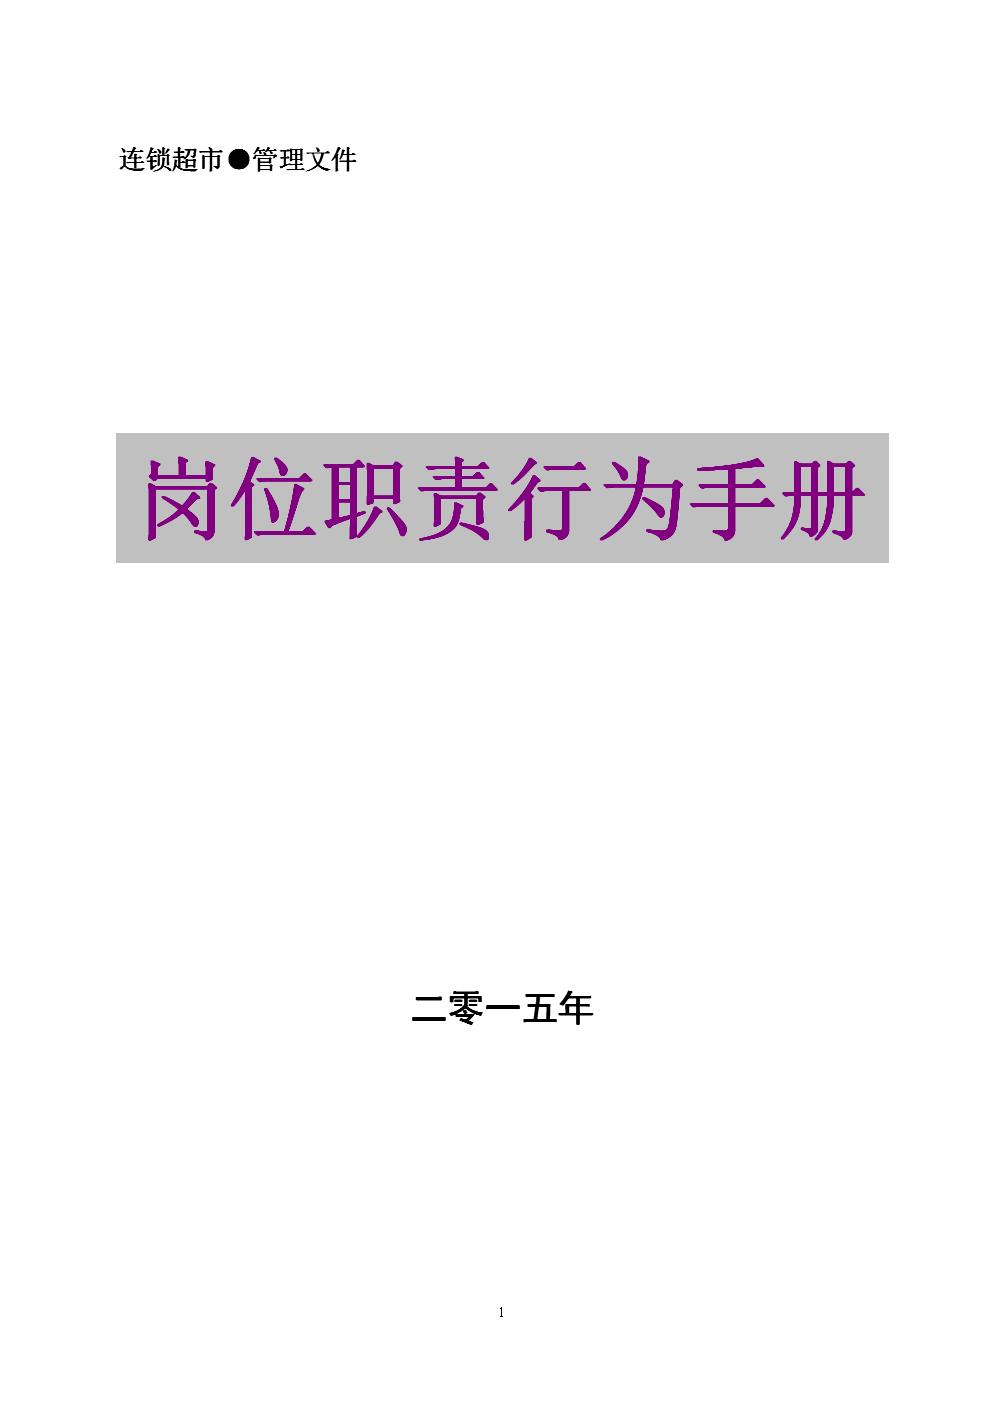 公司各岗位职责手册o介绍.doc